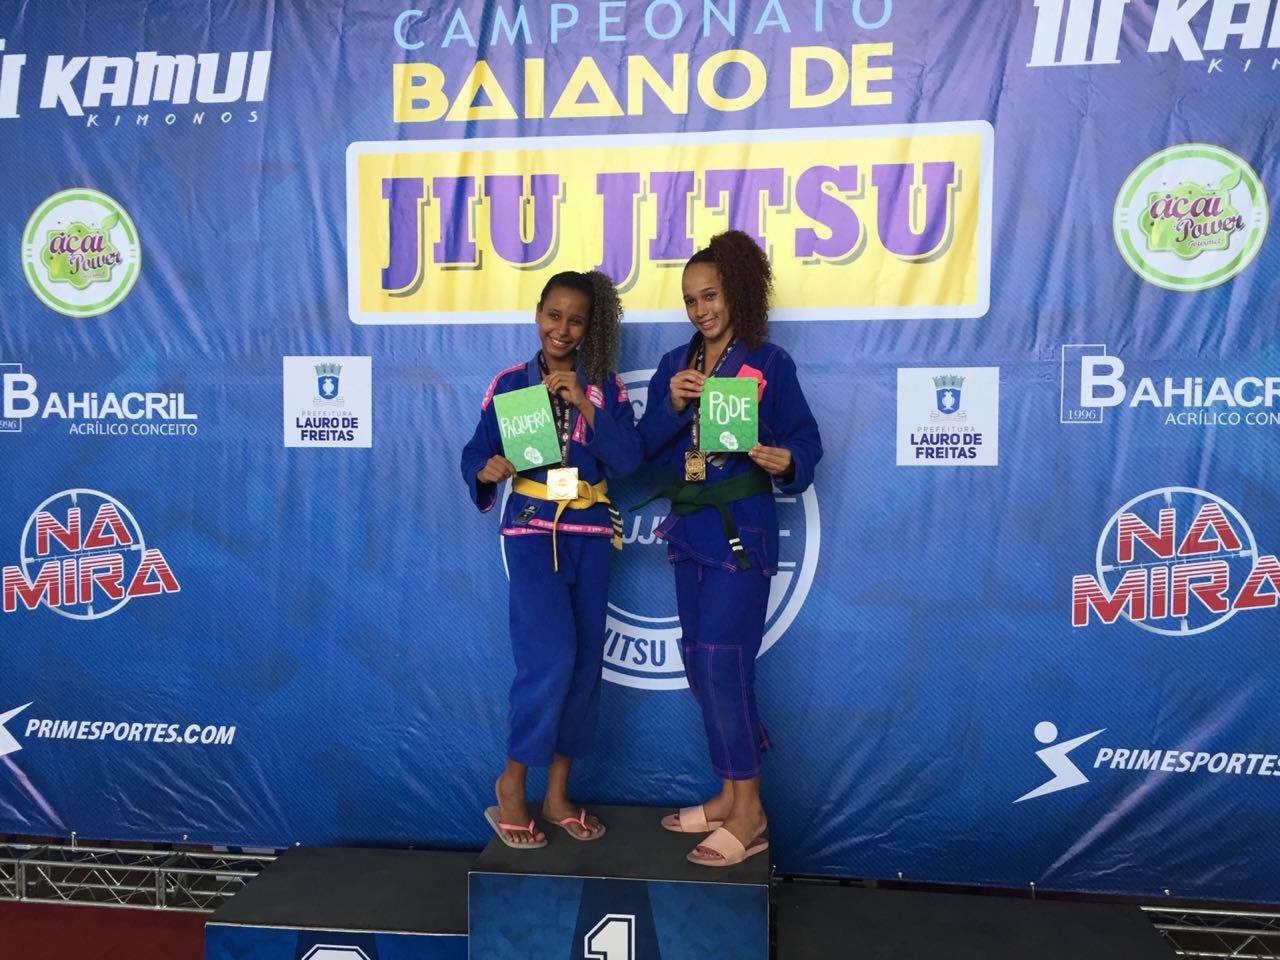 """Campeonato Baiano de Jiu-Jitsu apoia campanha """"Respeita as Mina"""""""